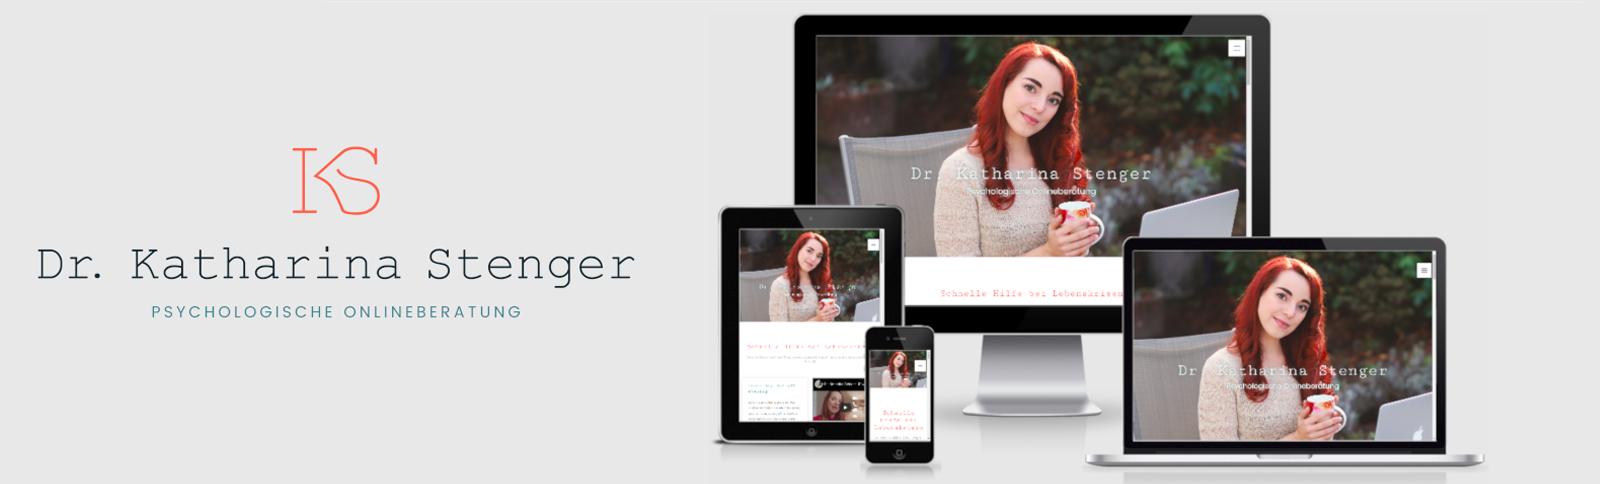 Erstellung der Homepage und der Visitenkarte für Dr. Katharina Stenger, Psychologische Onlineberatung für Zuhause und Unterwegs durch Kähler & Kähler.